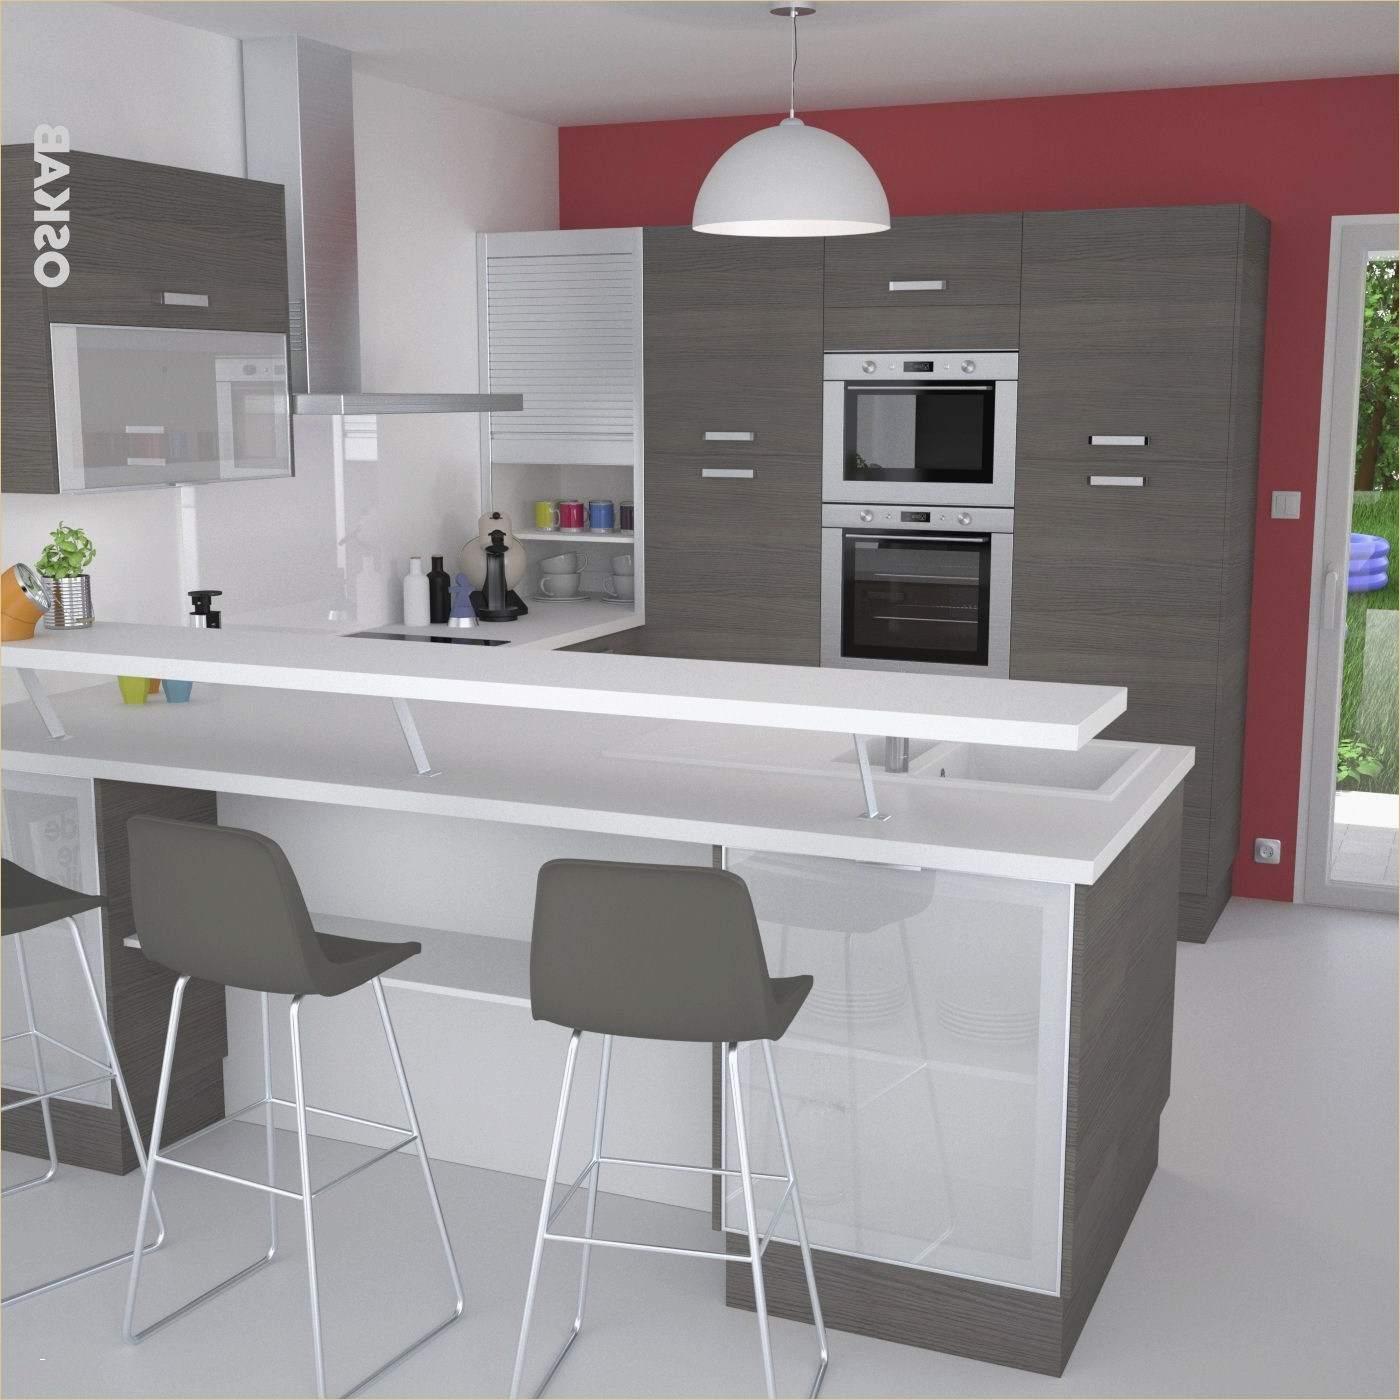 Devis En Ligne Ikea Frais Photographie Devis Cuisine Ikea Gracieux Devis Cuisine équipée Populaire Meilleur